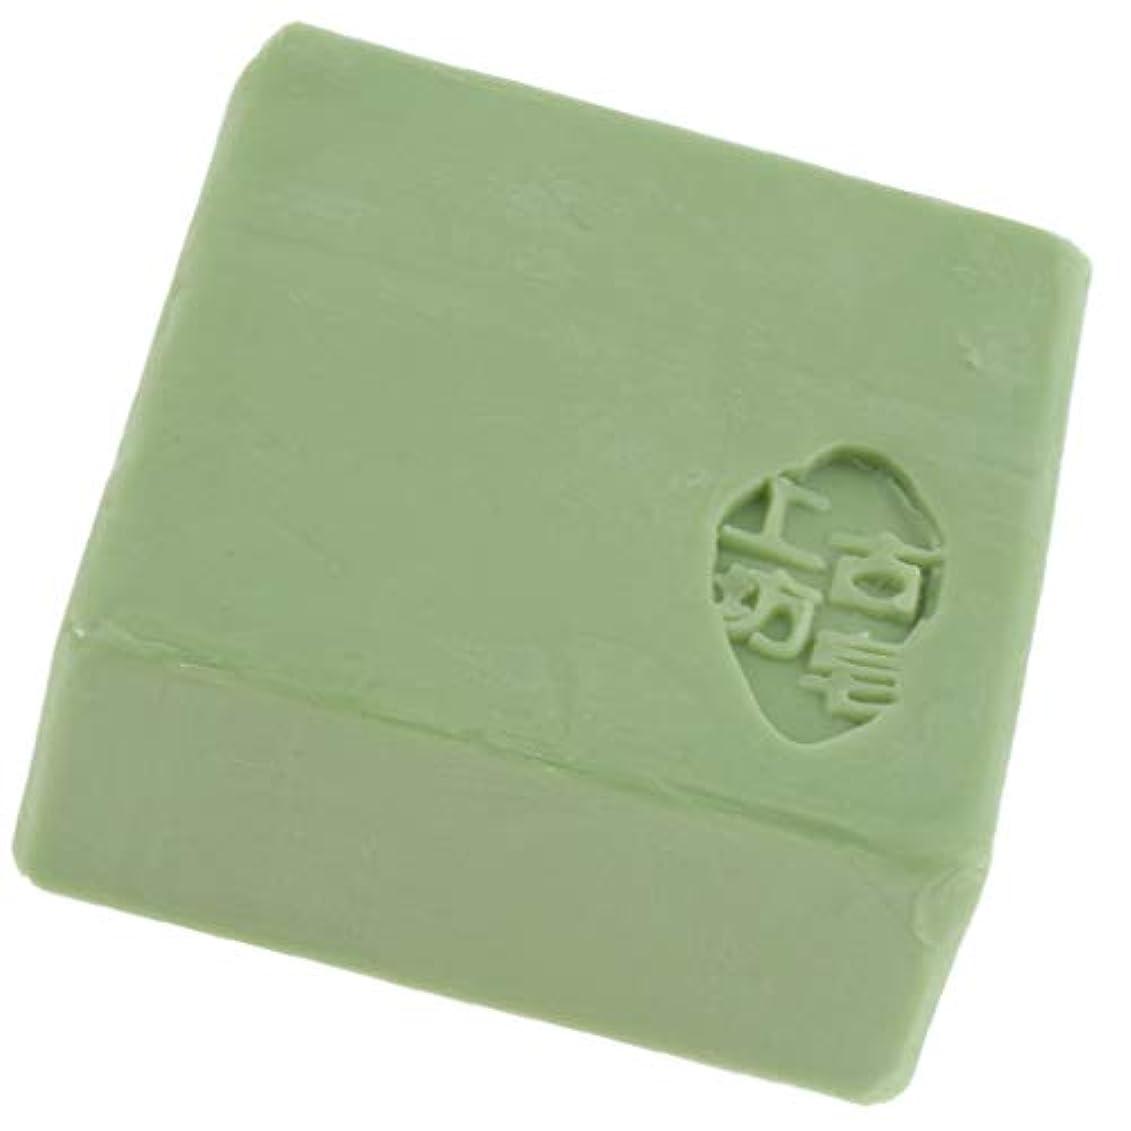 経験者環境症候群Baoblaze バス スキンケア フェイス ボディソープ 石鹸 保湿 好意 全3色 - 緑